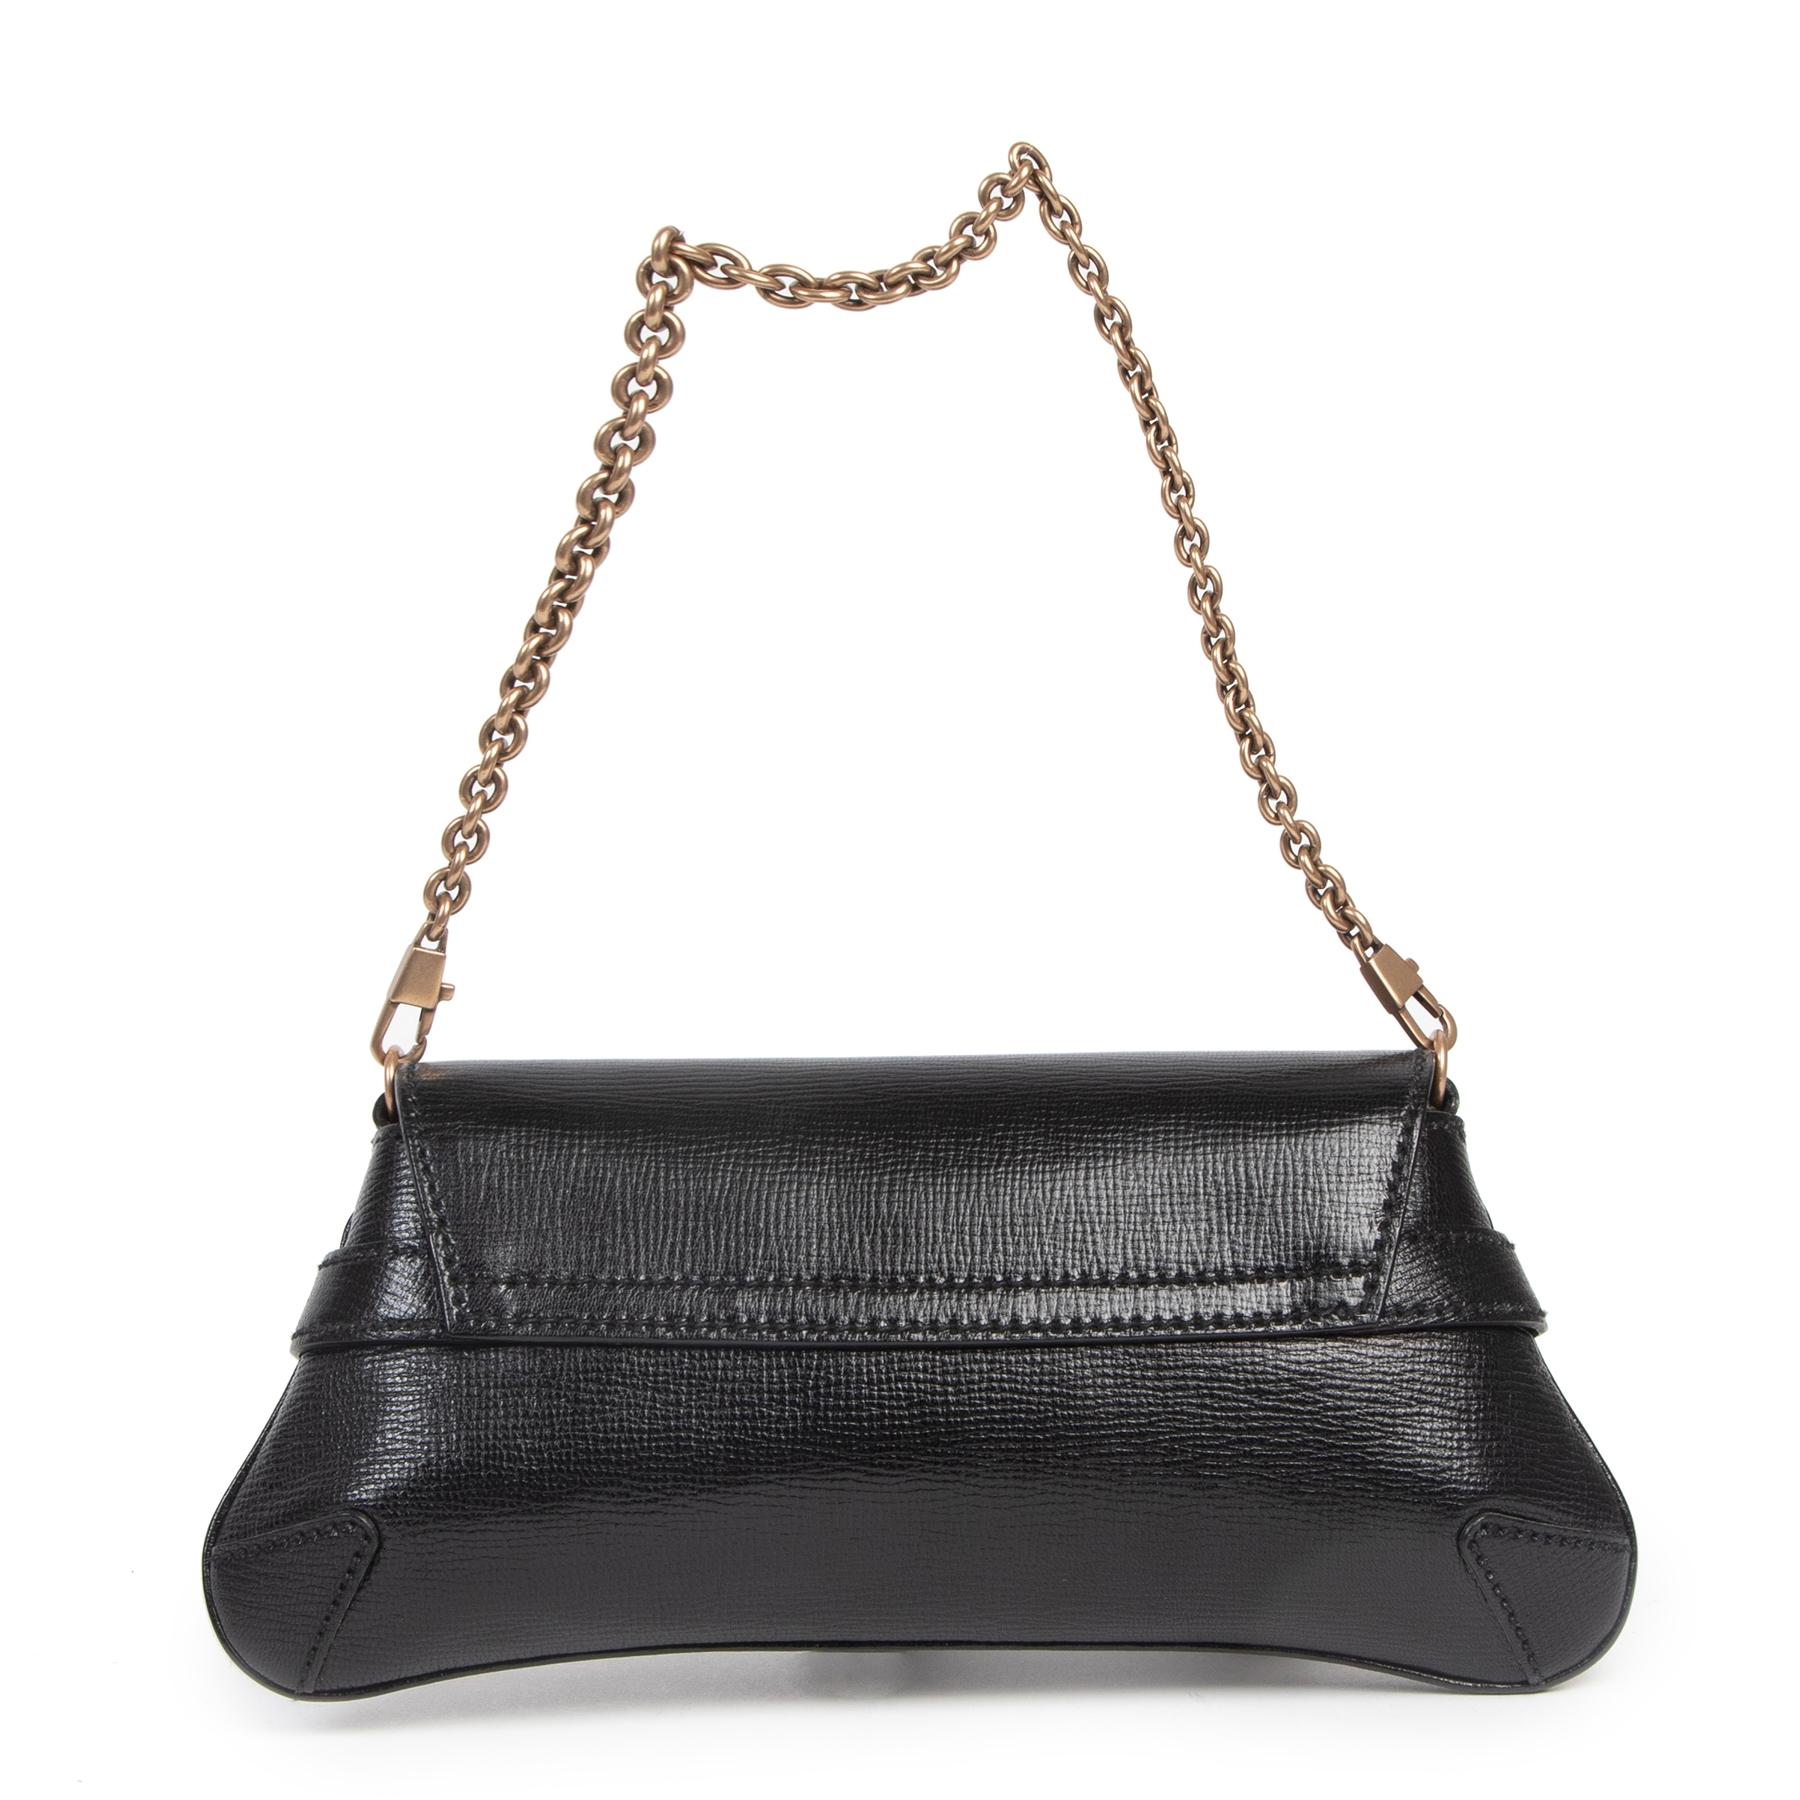 Authentieke Tweedehands Gucci Black Horsebit Shoulder Bag juiste prijs veilig online shoppen luxe merken webshop winkelen Antwerpen België mode fashion